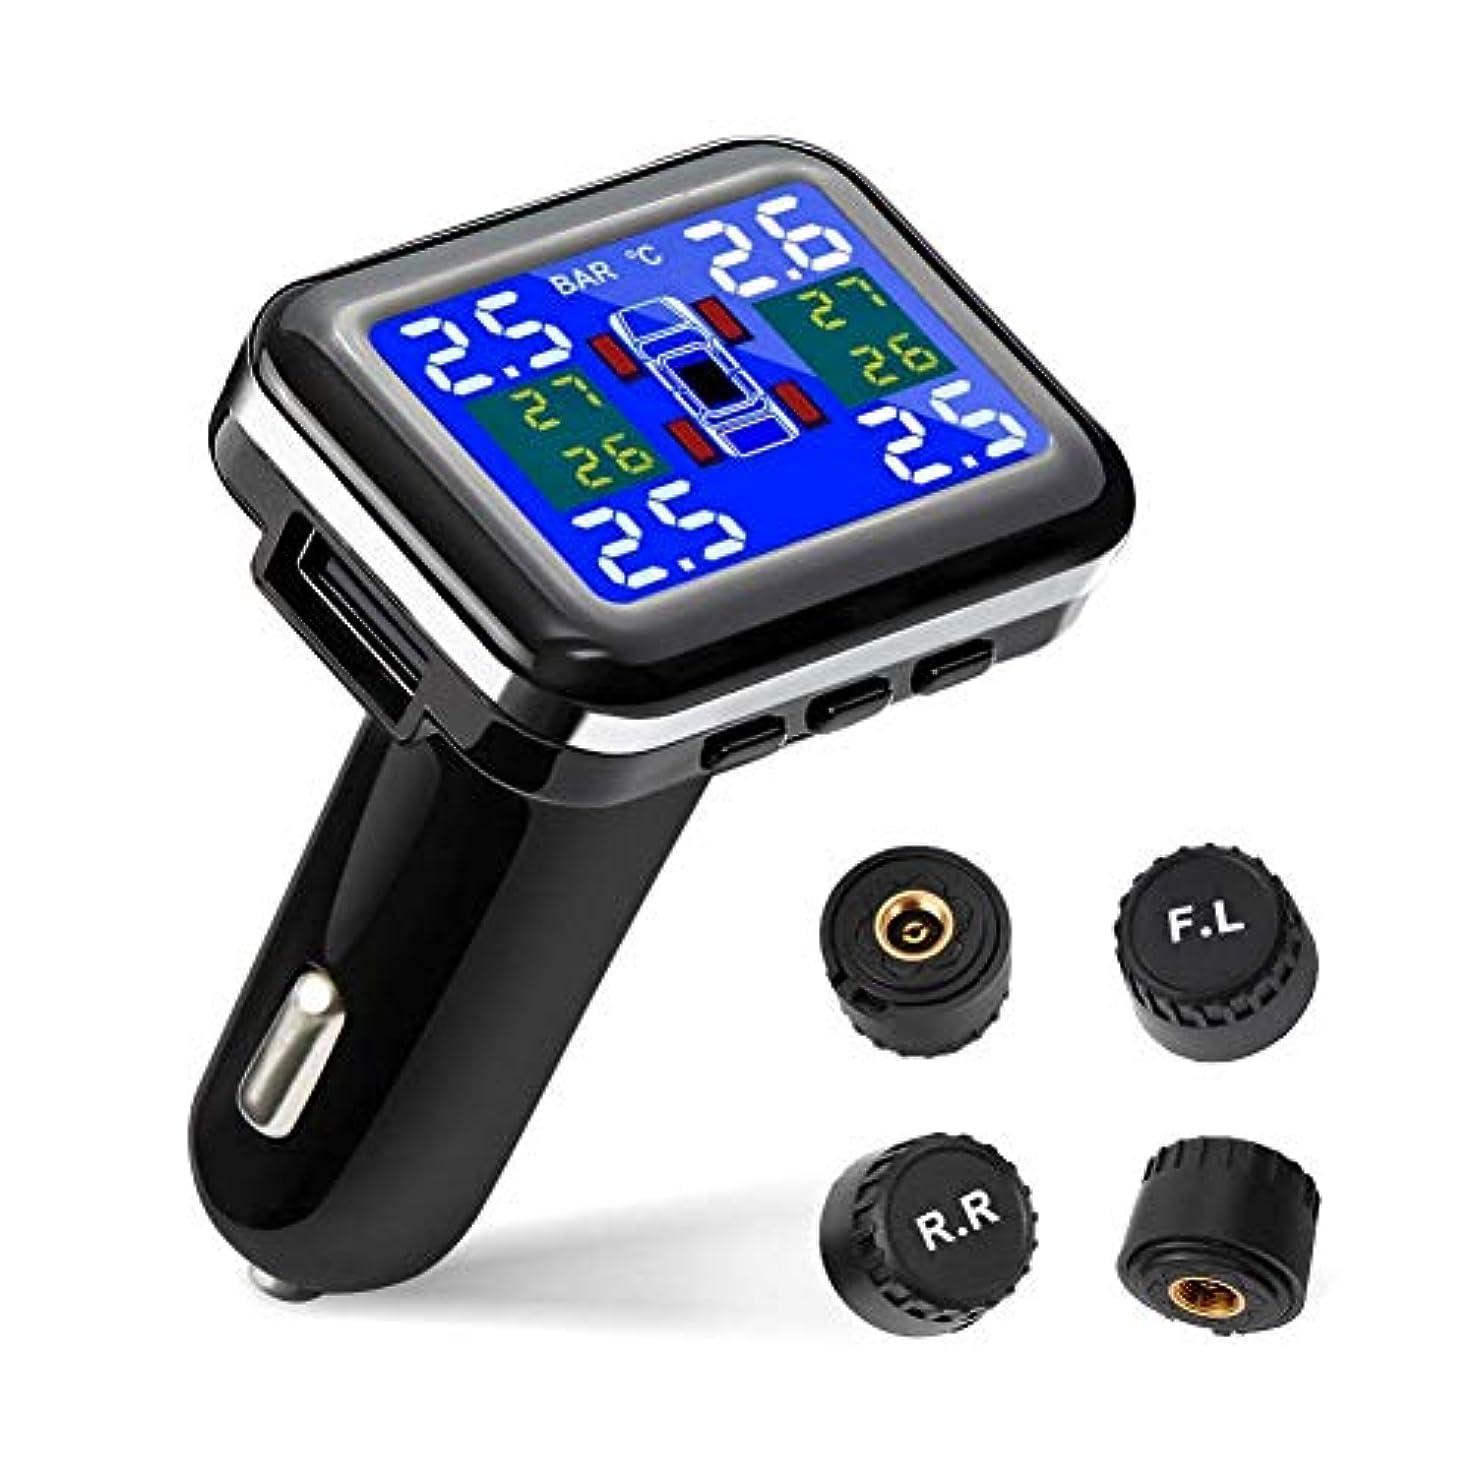 噛む処理海港Juhon USBソケットが付いている専門の自動無線TPMS普遍的なタイヤの圧力制御システム